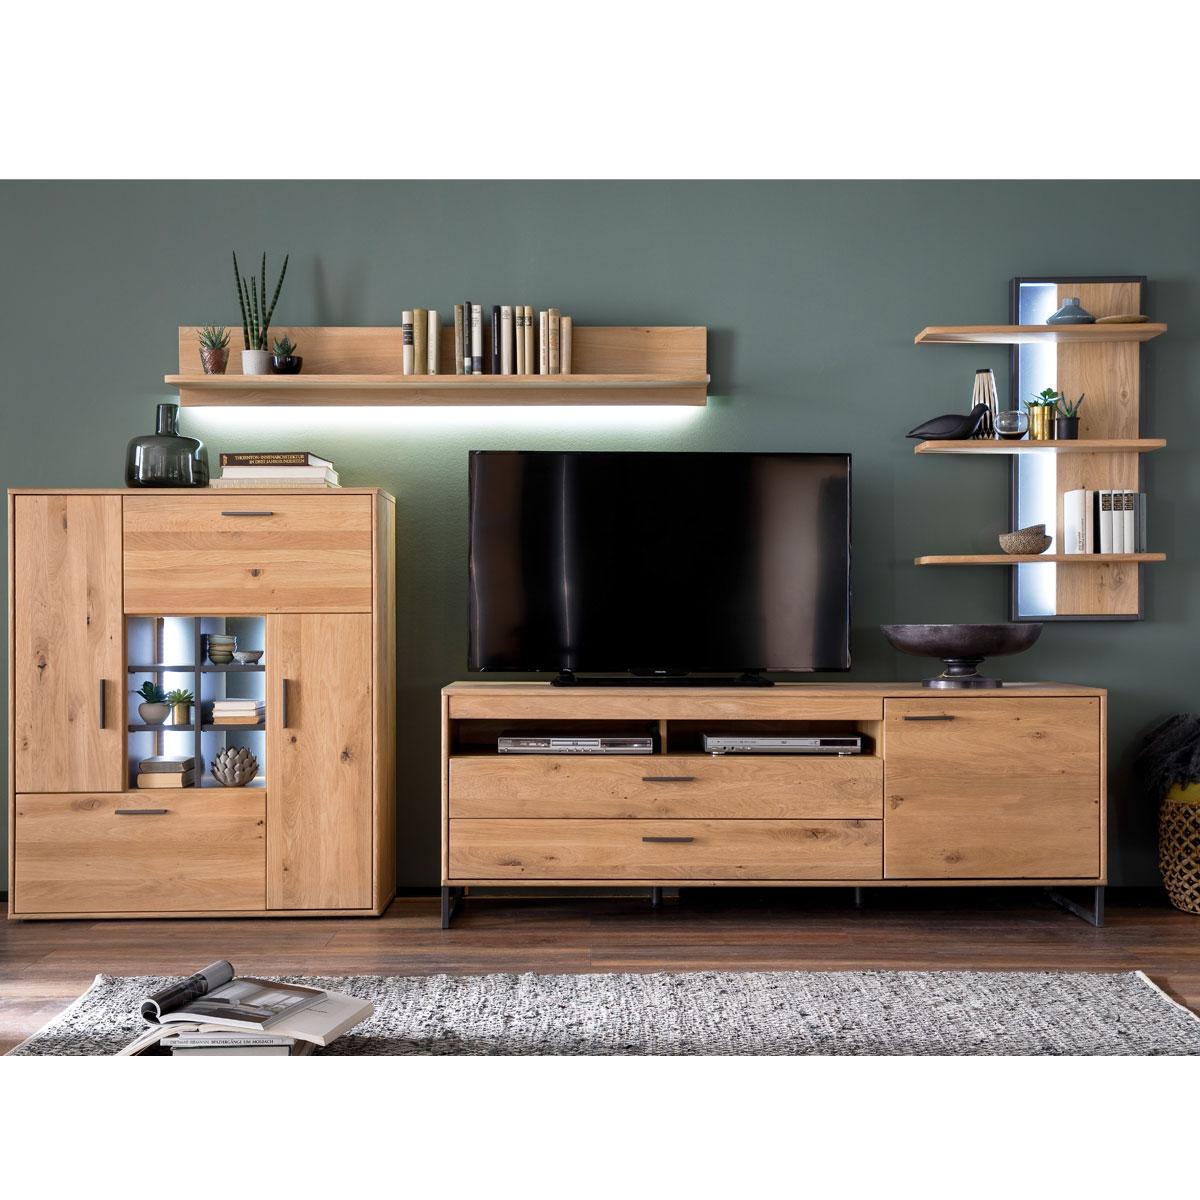 Mca Furniture Portland Wohnkombination 2 Fur Ihr Wohnzimmer 4